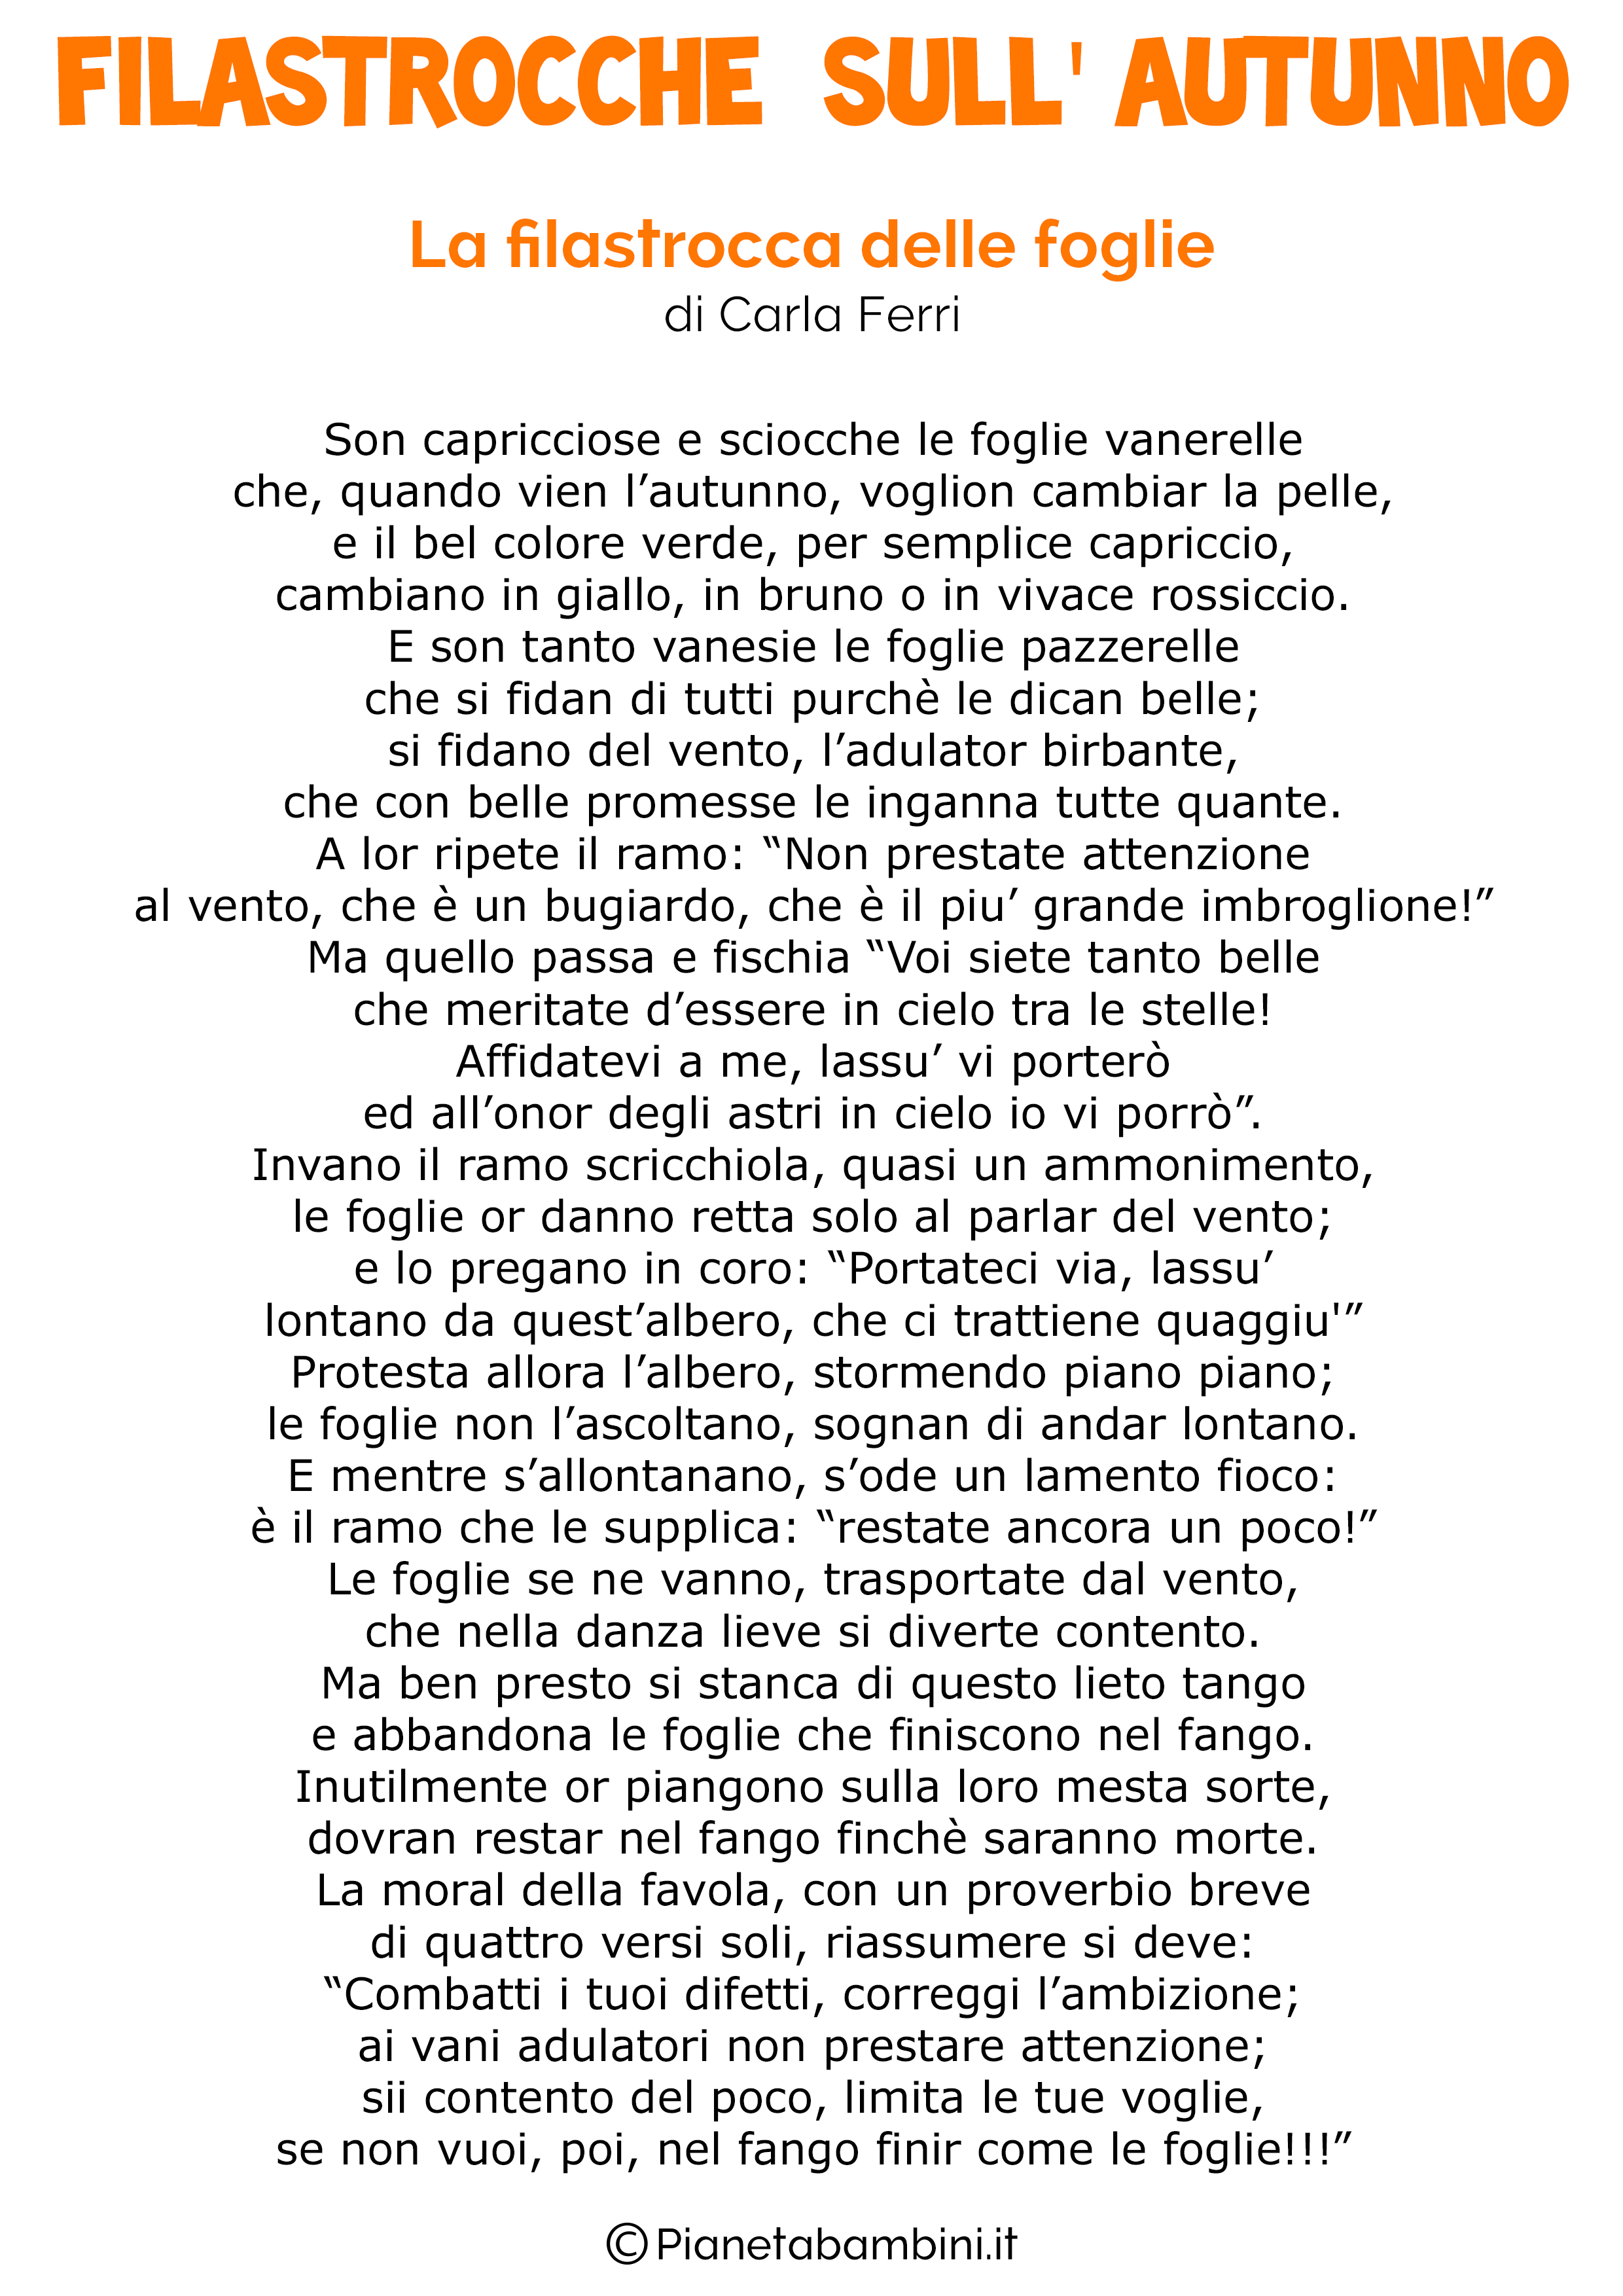 La-Filastrocca-Delle-Foglie